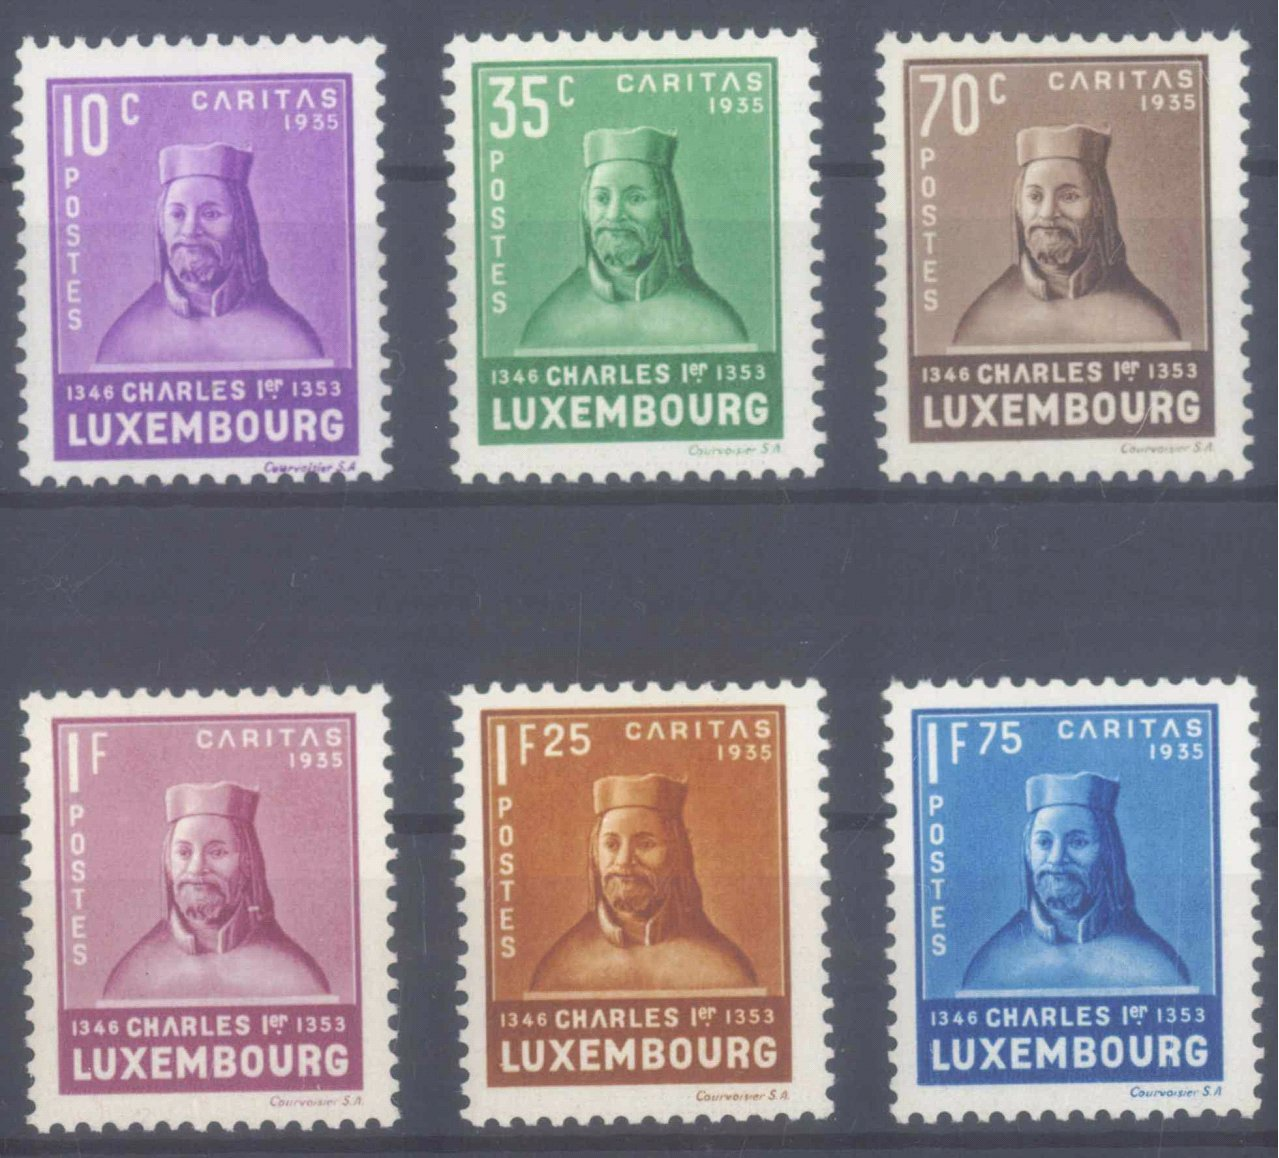 1935 LUXEMBURG, Kinderhilfe